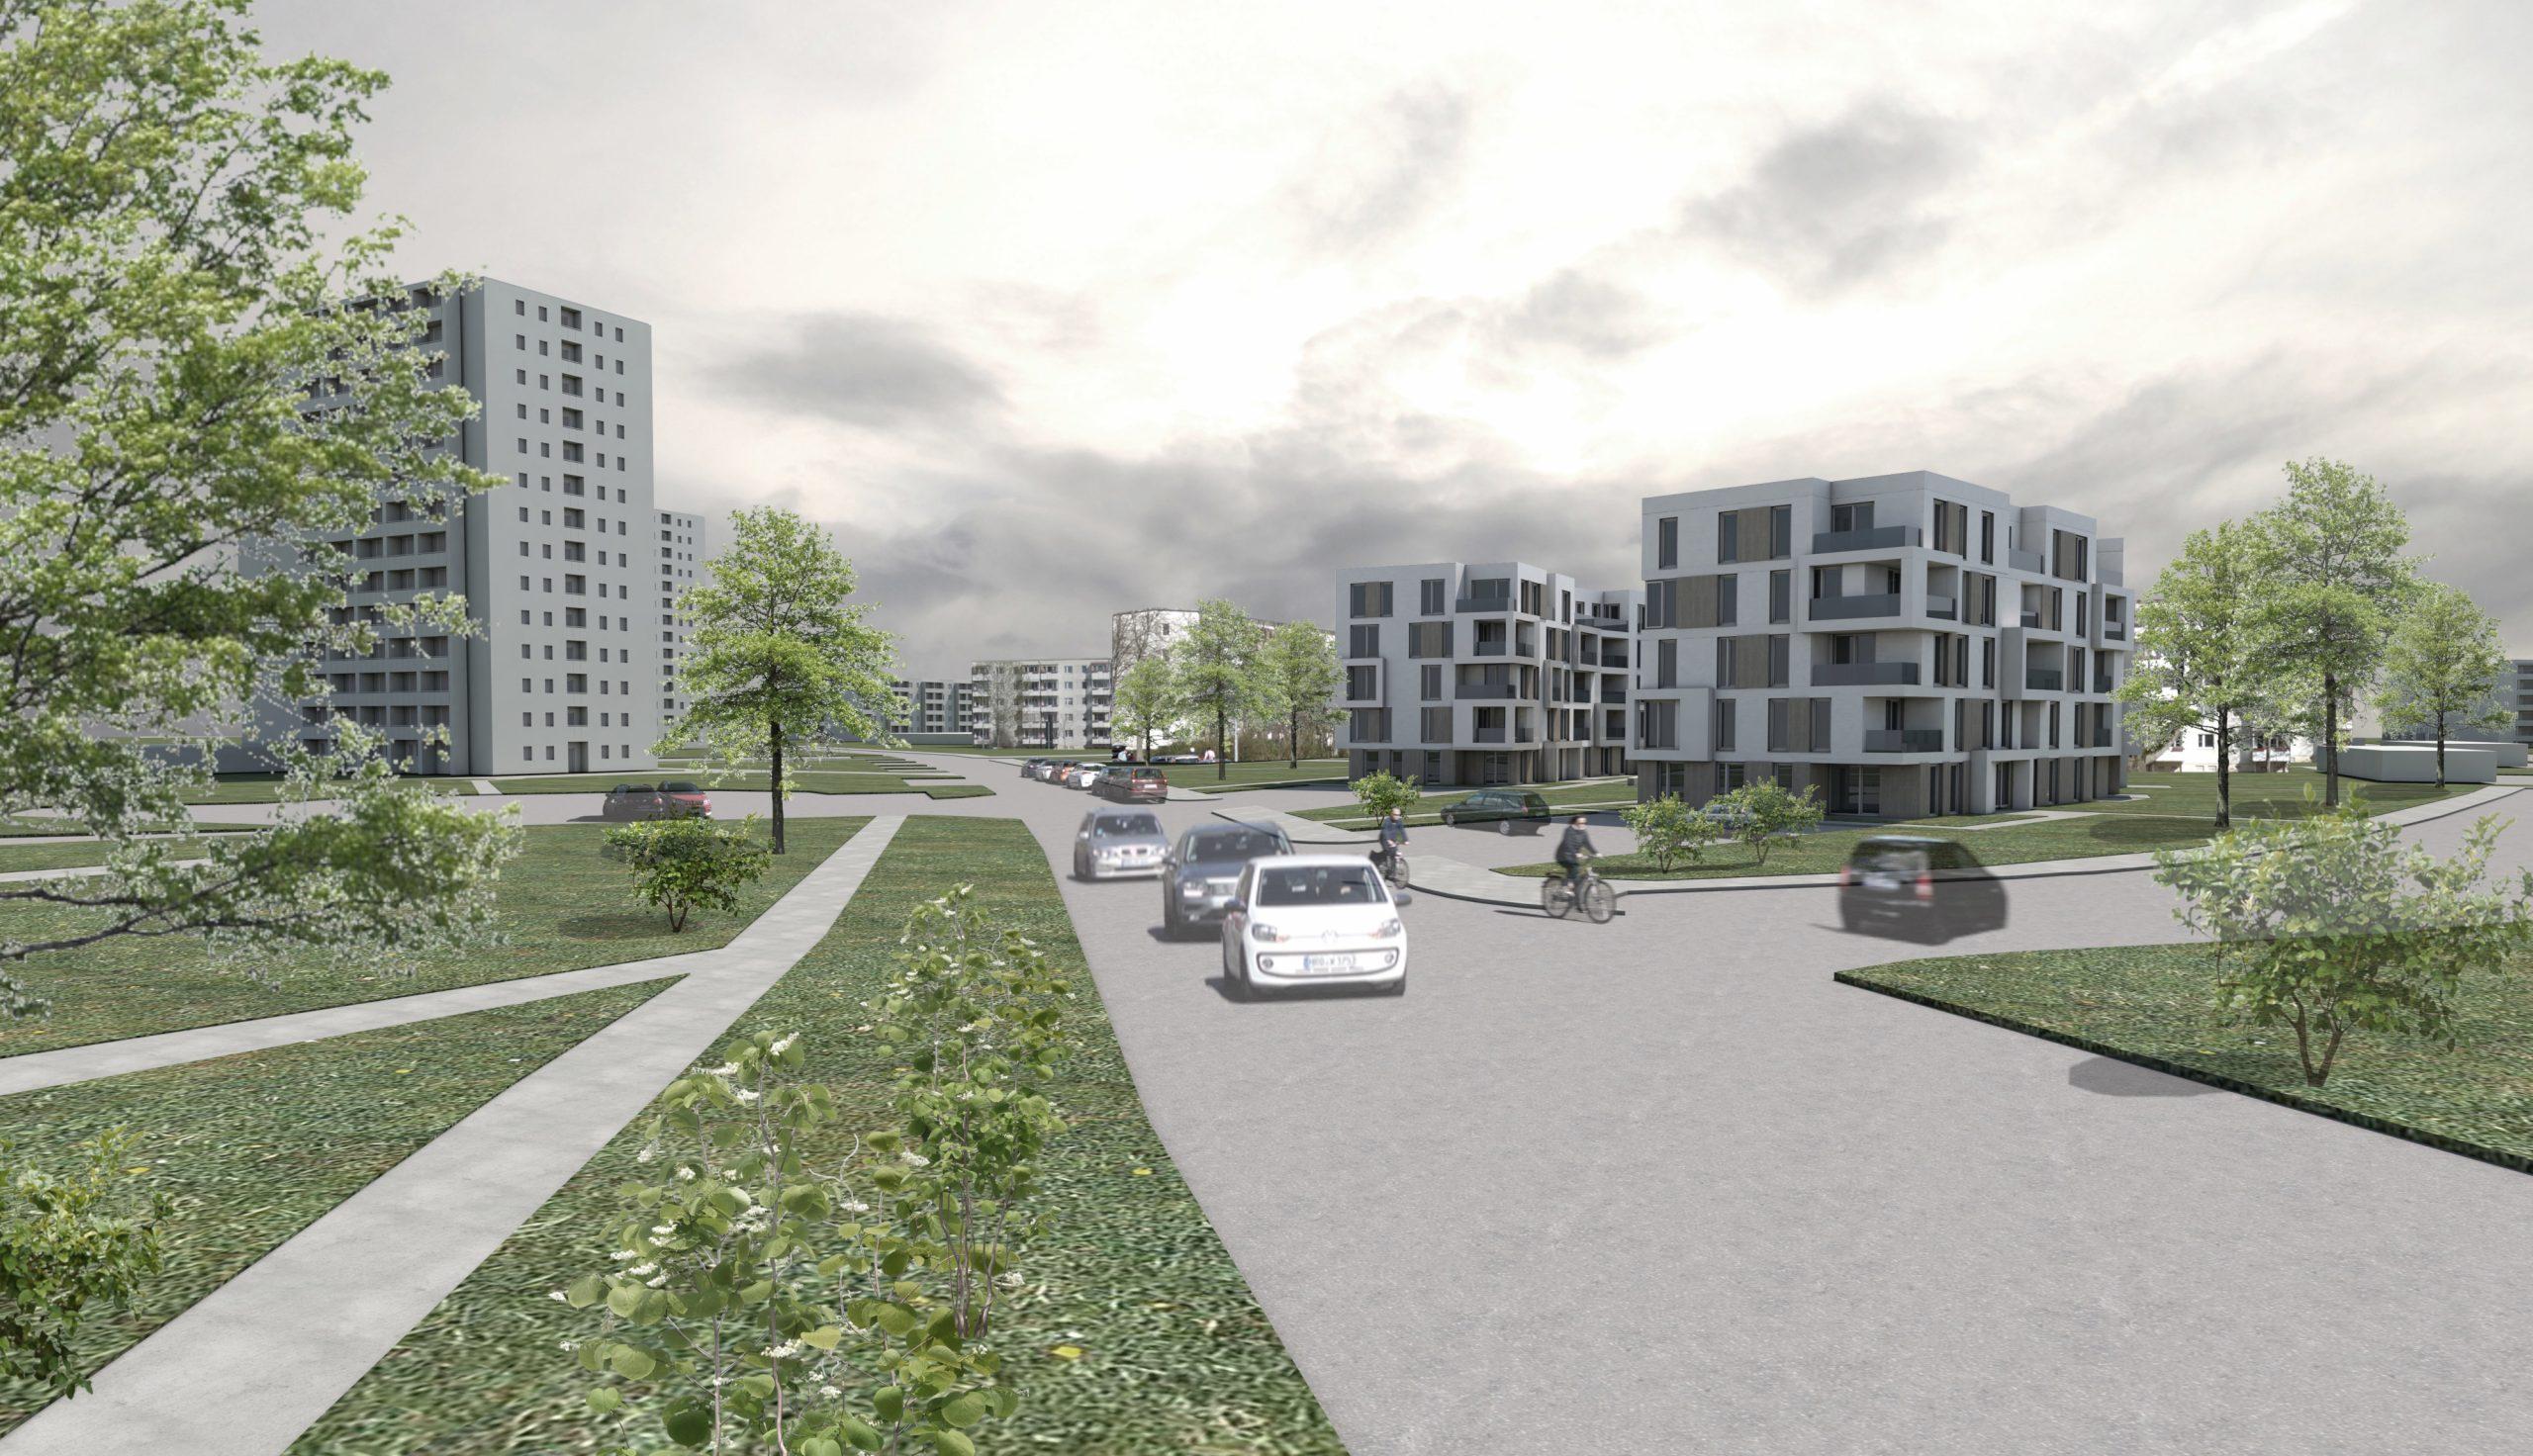 Projektbild 4, Neubau eines Wohnquartiers mit 50 Wohneinheiten   |   Rostock – Südstadt